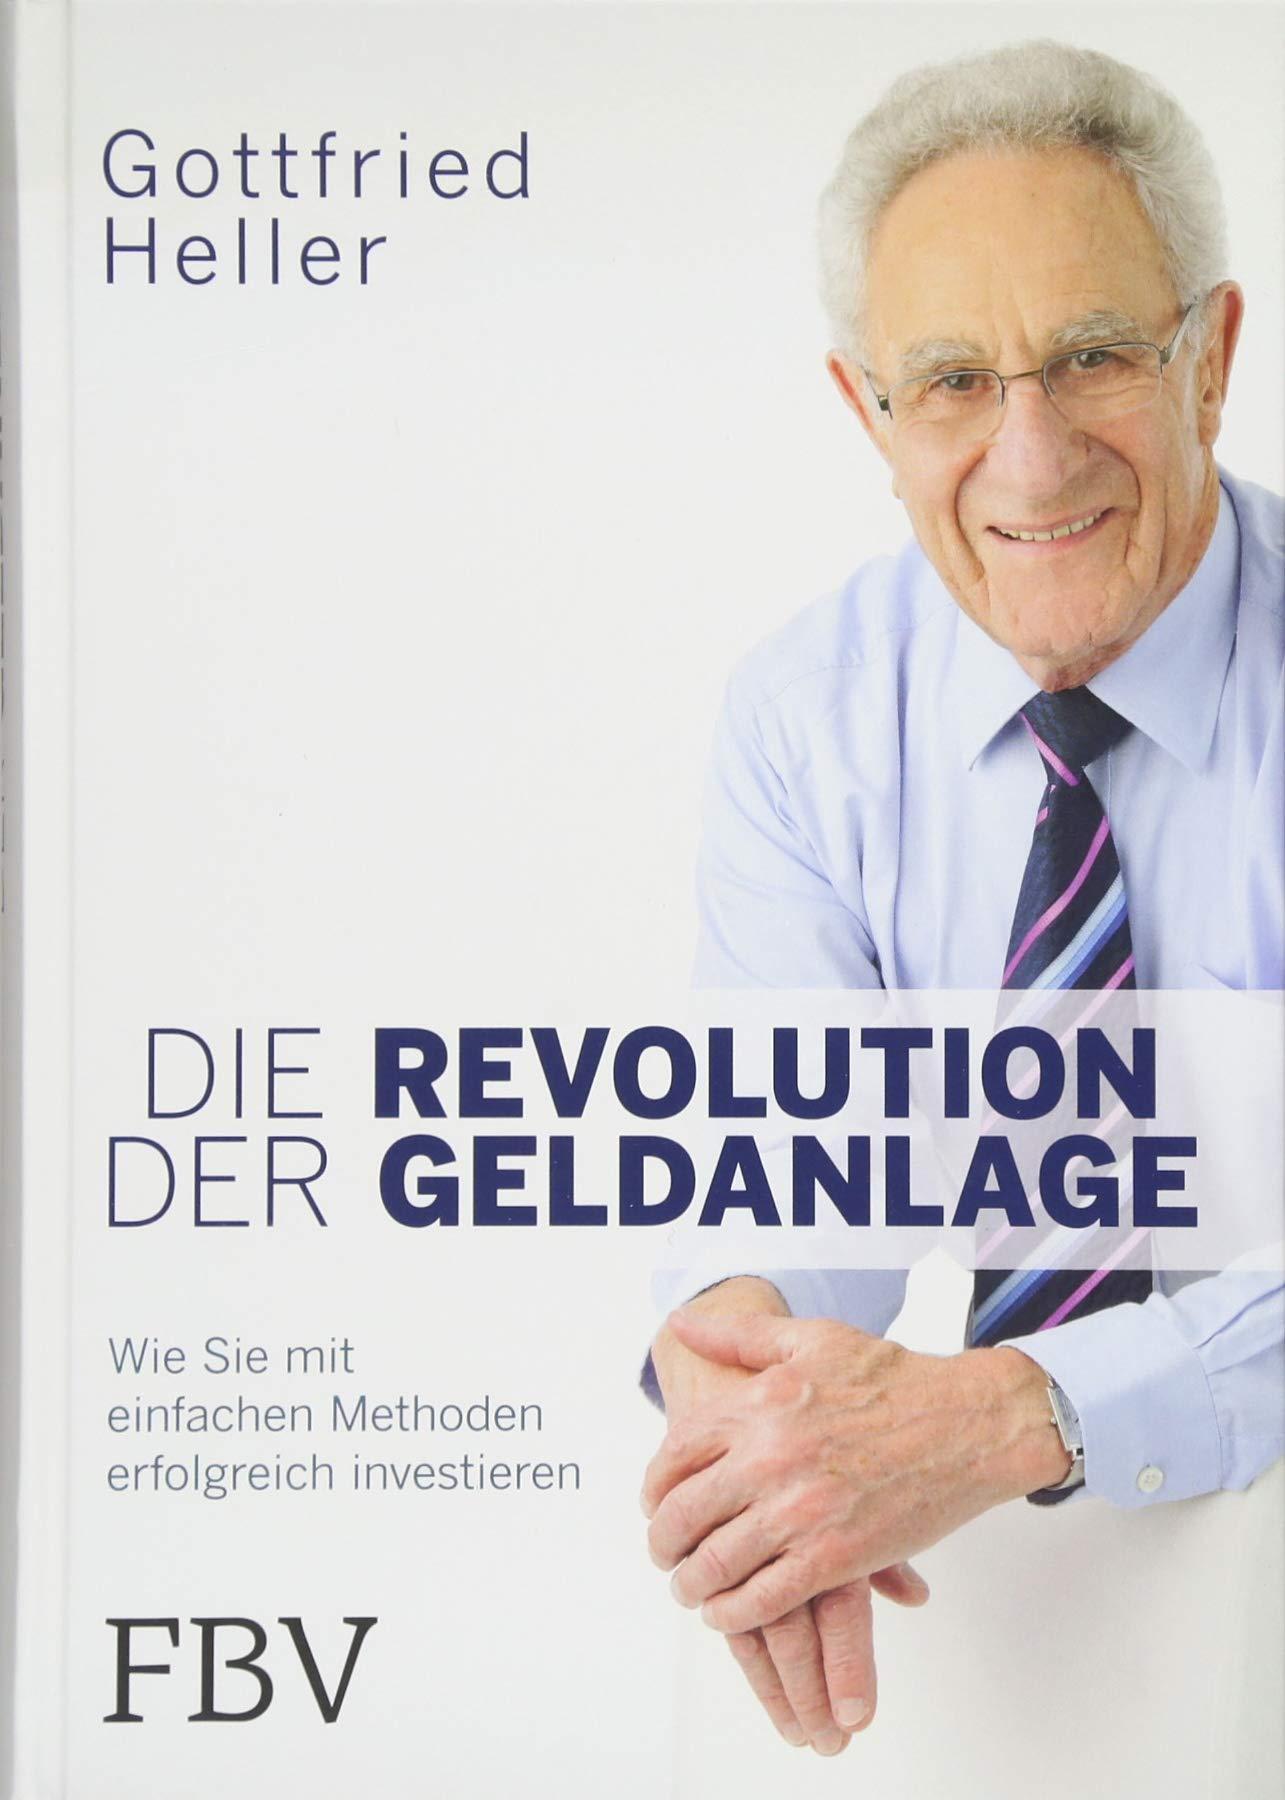 Die Revolution der Geldanlage: Wie Sie mit einfachen Methoden erfolgreich investieren Gebundenes Buch – 26. Februar 2018 Gottfried Heller FinanzBuch Verlag 3959720785 Kapitalanlage